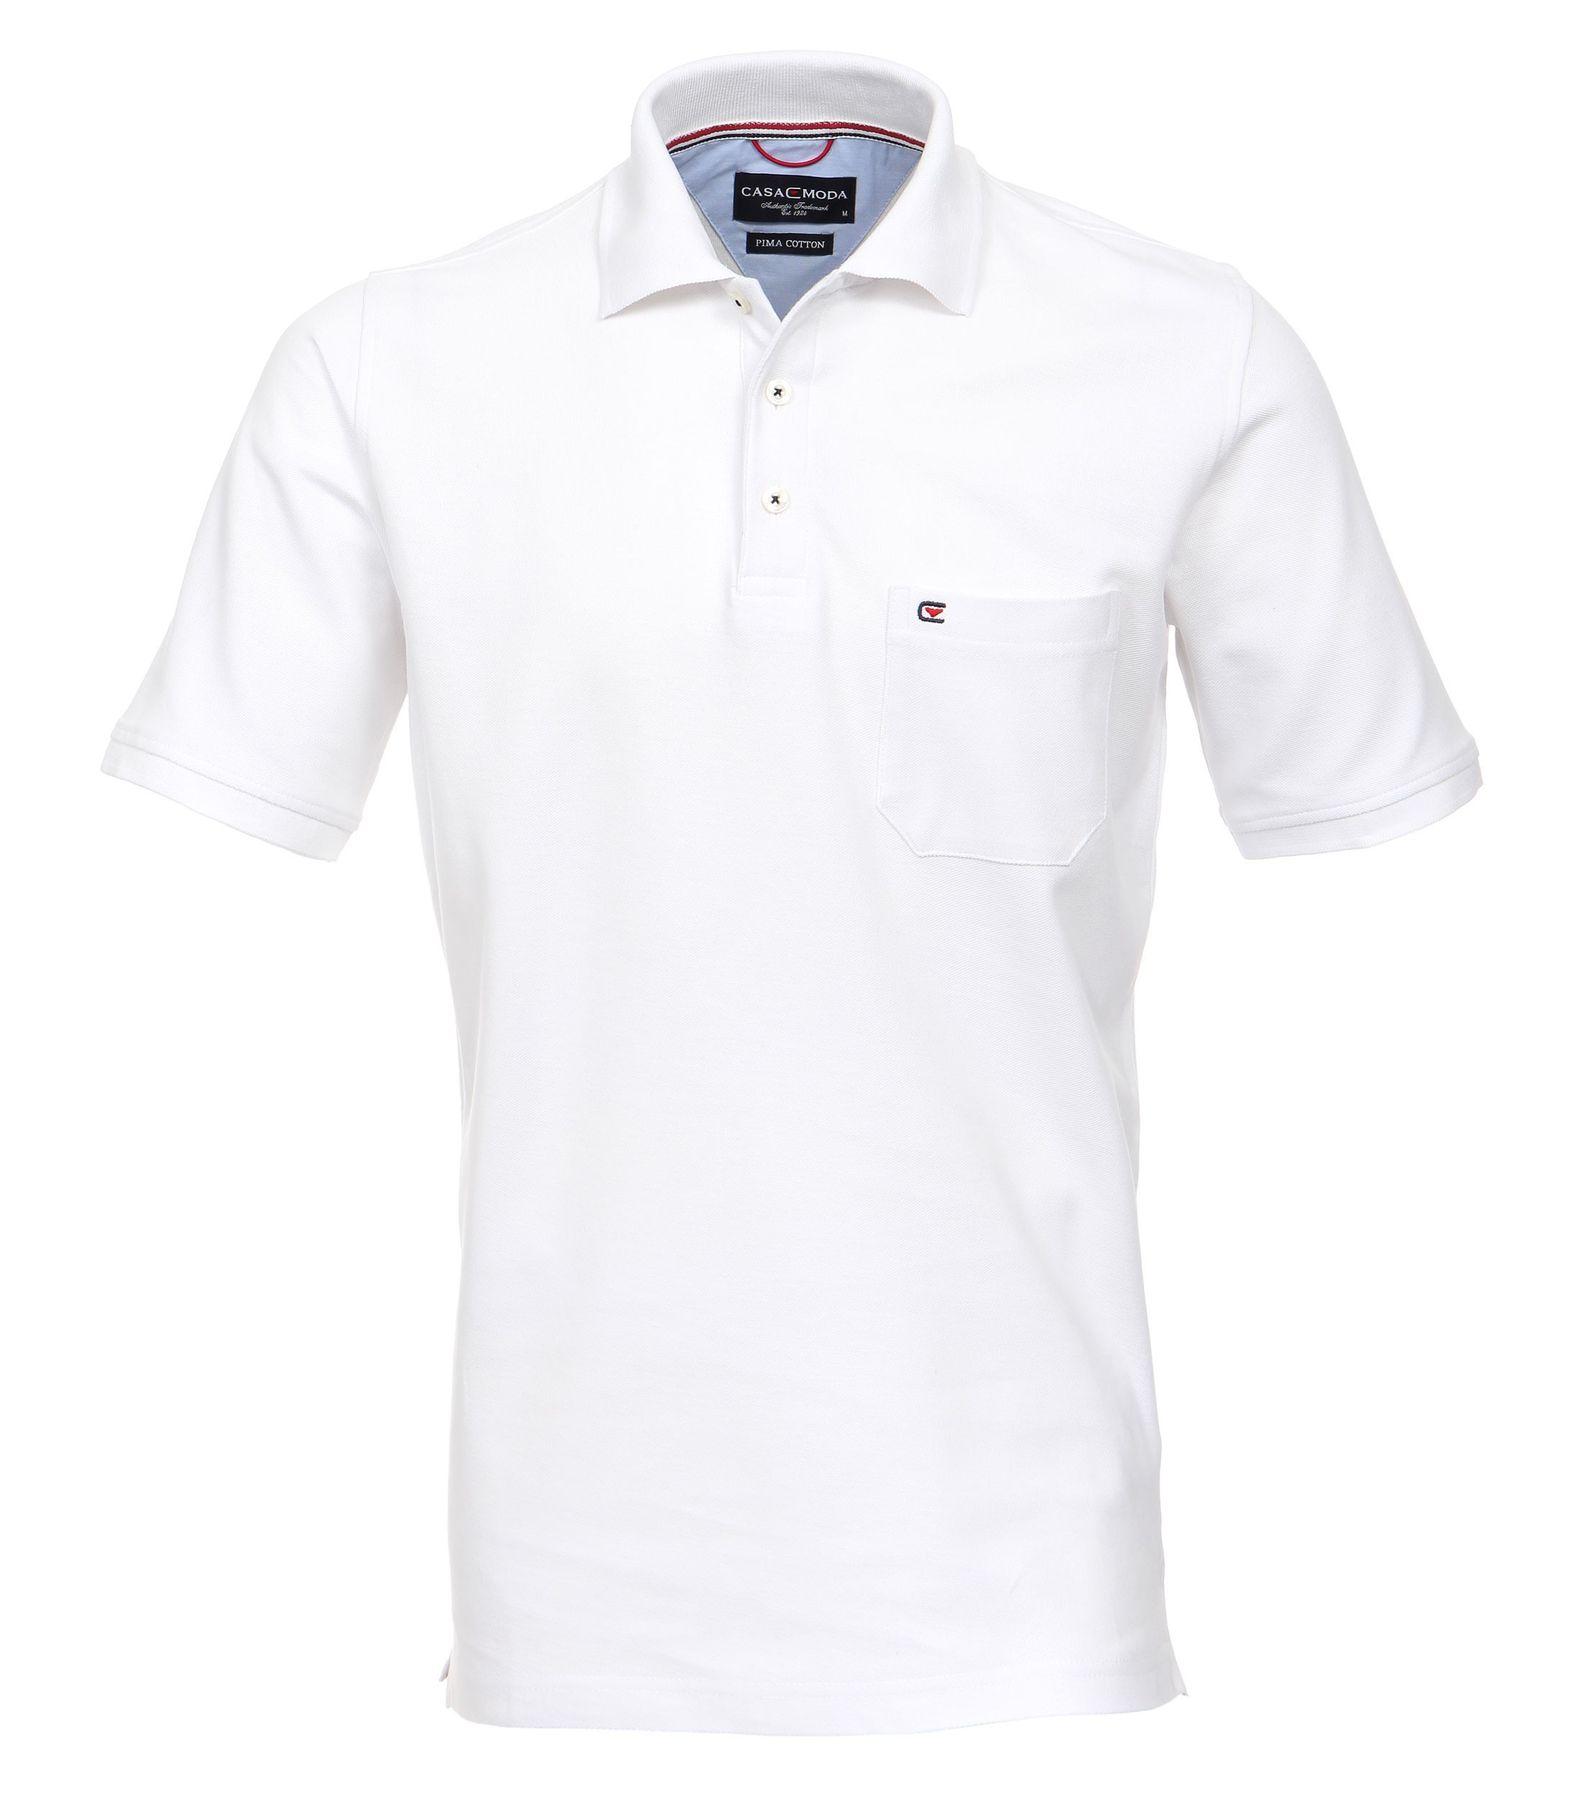 Casa Moda - Herren Polo Shirt mit Brusttasche in verschiedenen Farben S-6XL (004270) – Bild 7